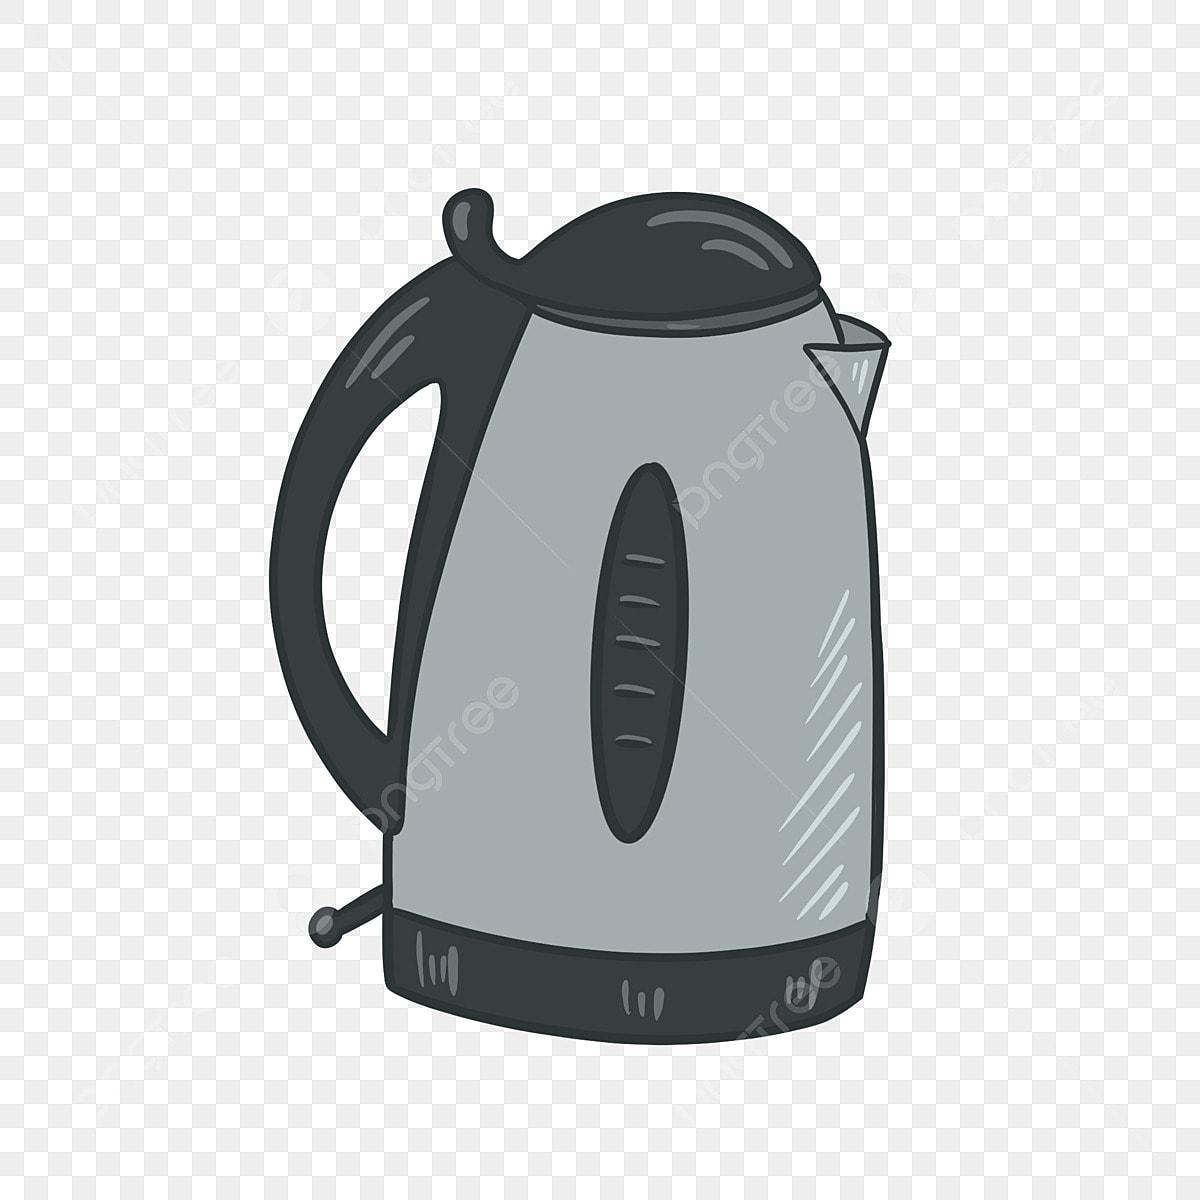 картинка электрический чайник раскраска всегда была приватной